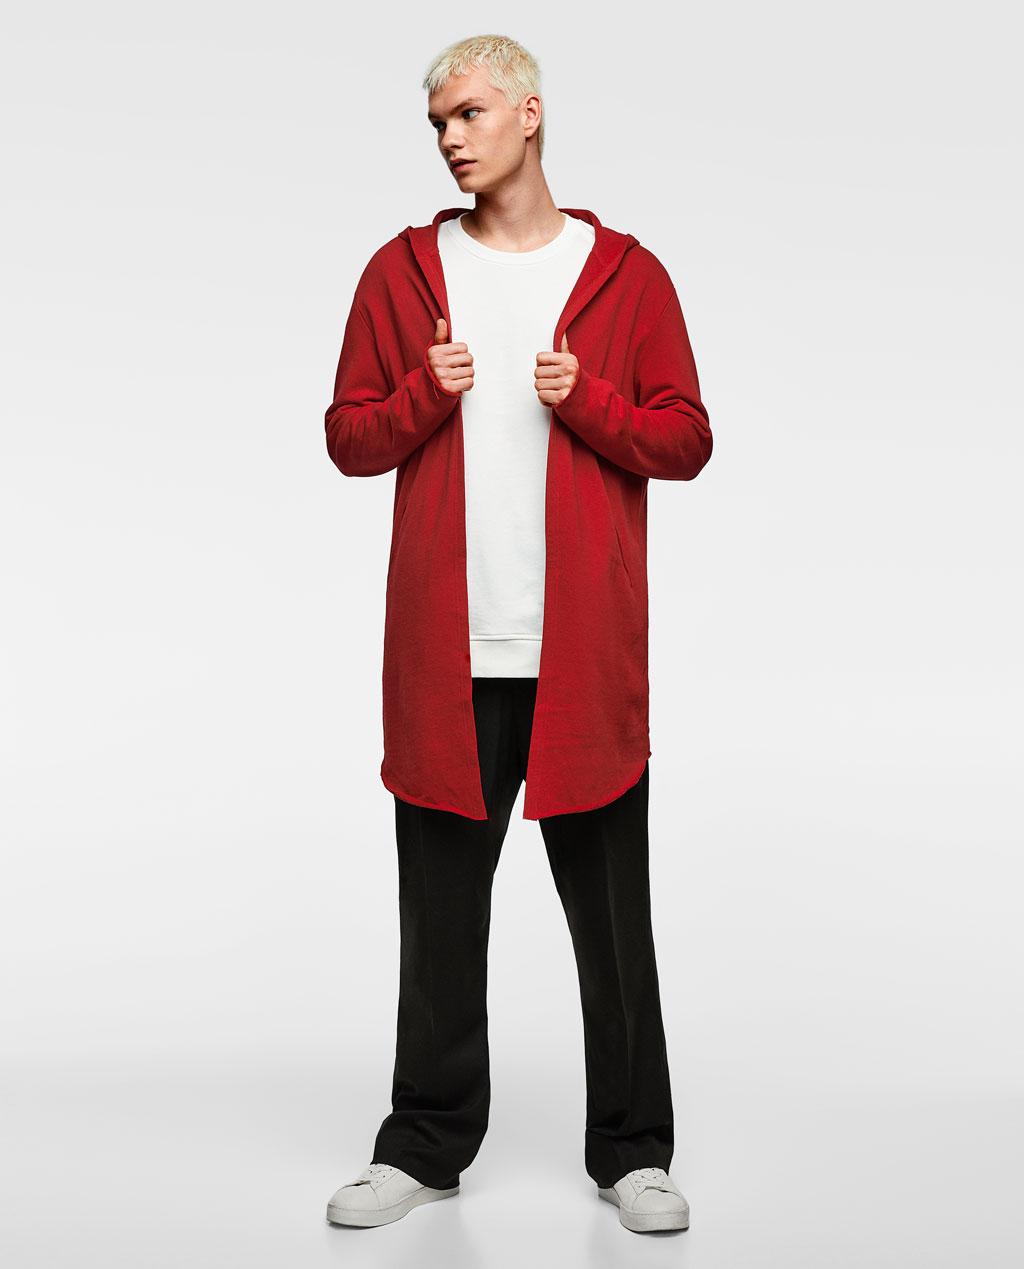 Thời trang nam Zara  24097 - ảnh 3